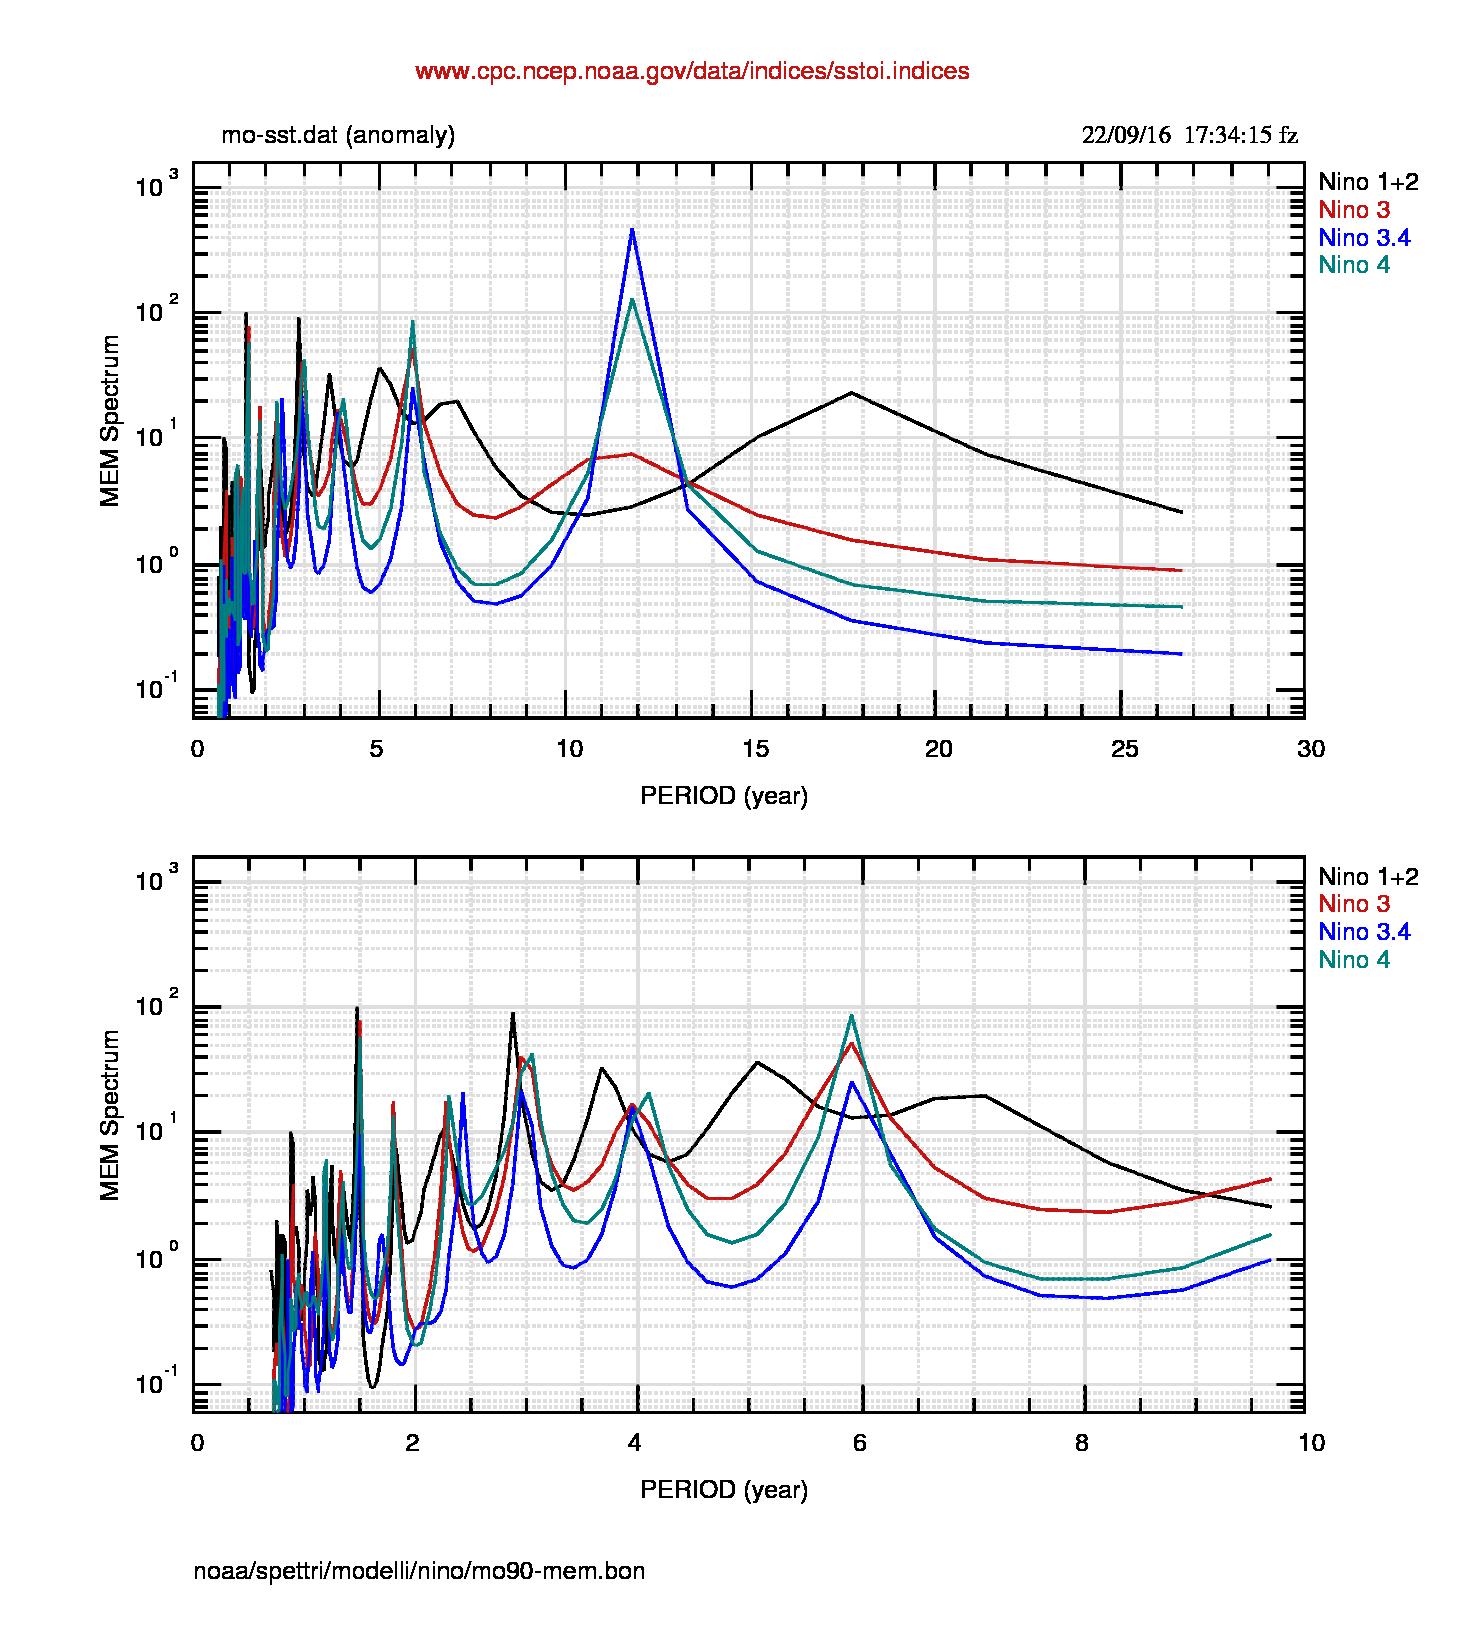 Fig.6: Spettro dei dati mensili da gennaio 1990. Notare la struttura praticamente identica allo spettro dei dati settimanali di fig.3.